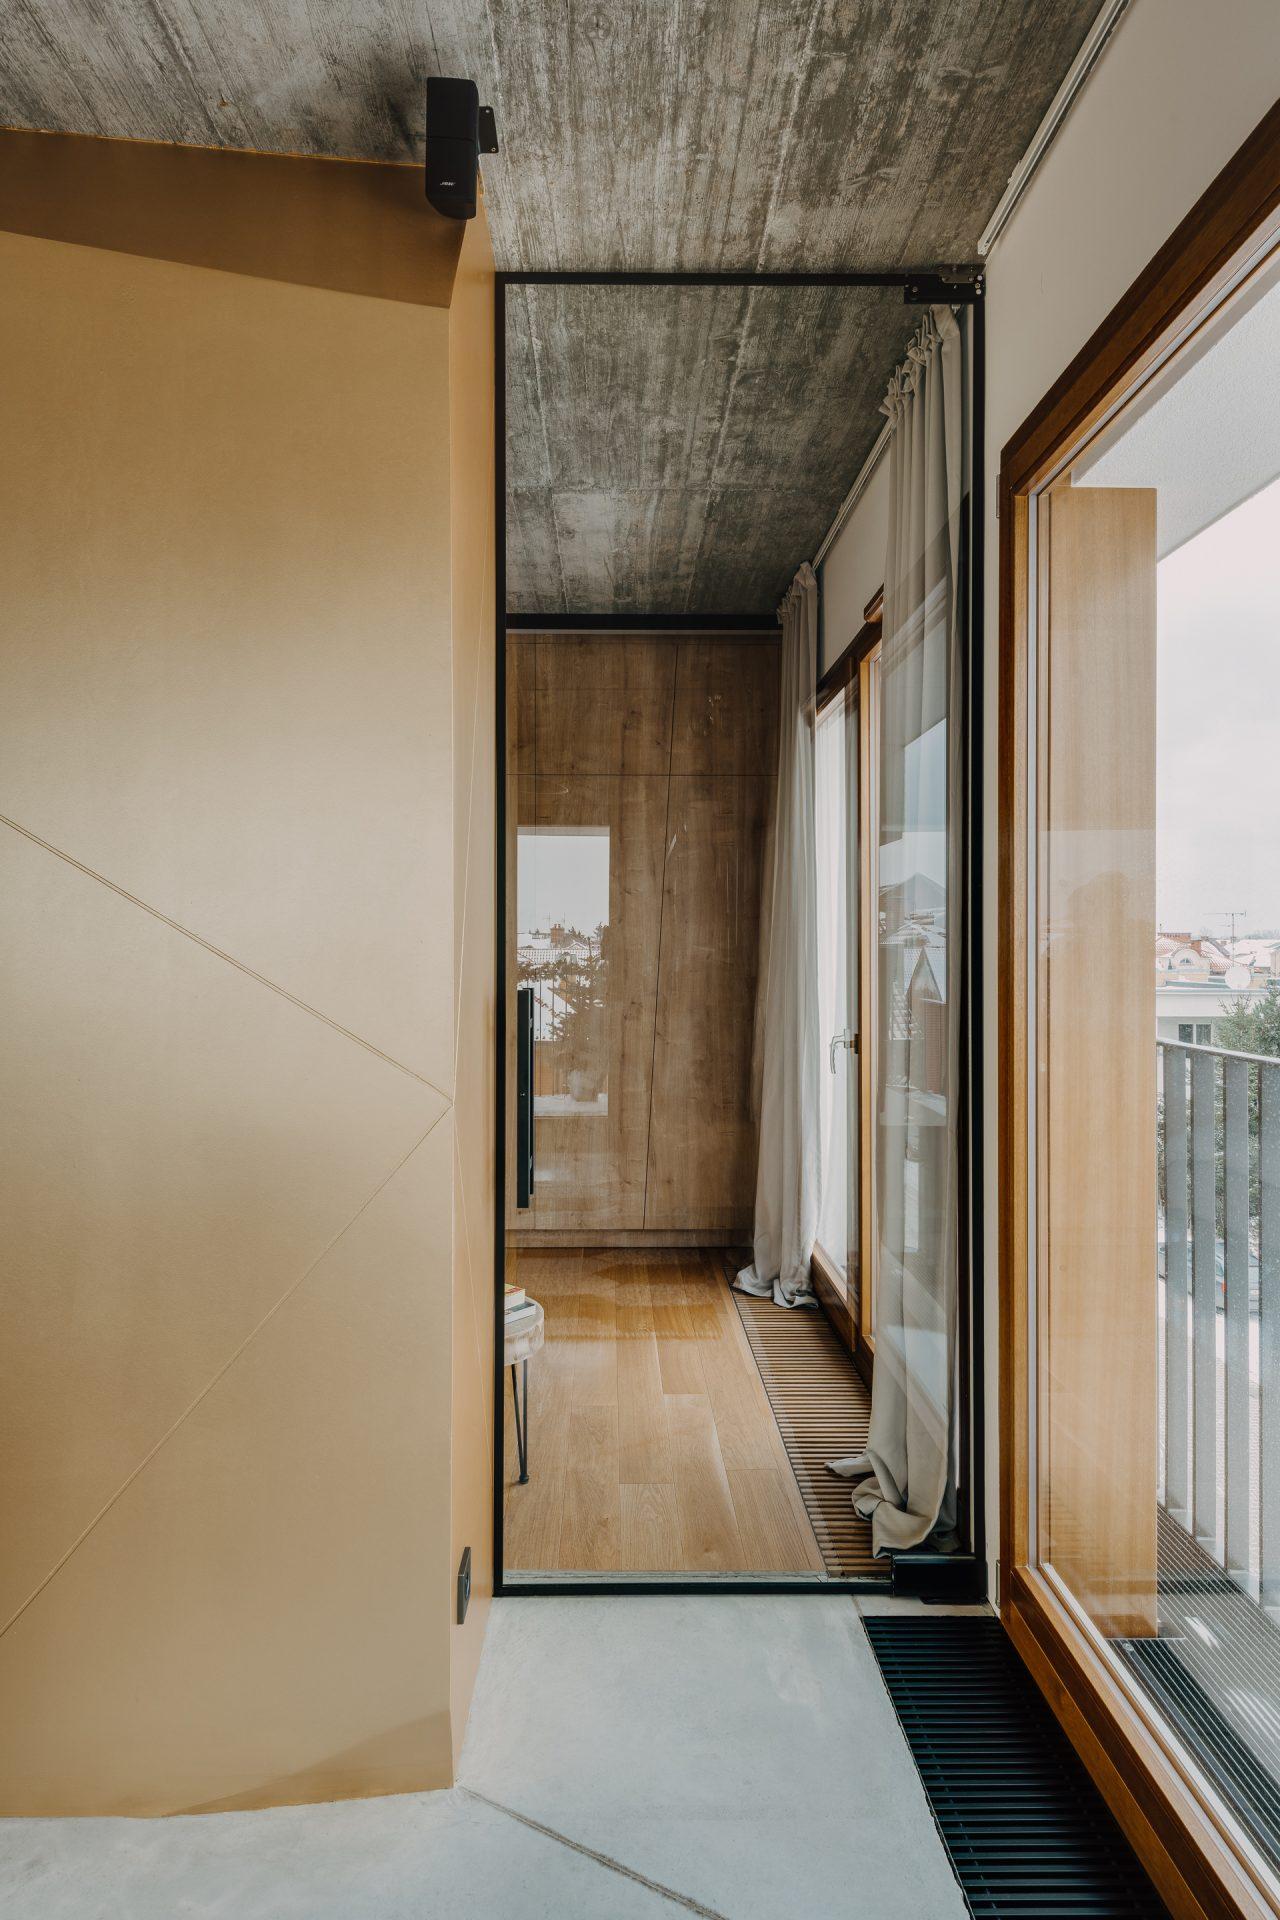 mml_mieszkanie-na-sytej__ONI_designalive-9